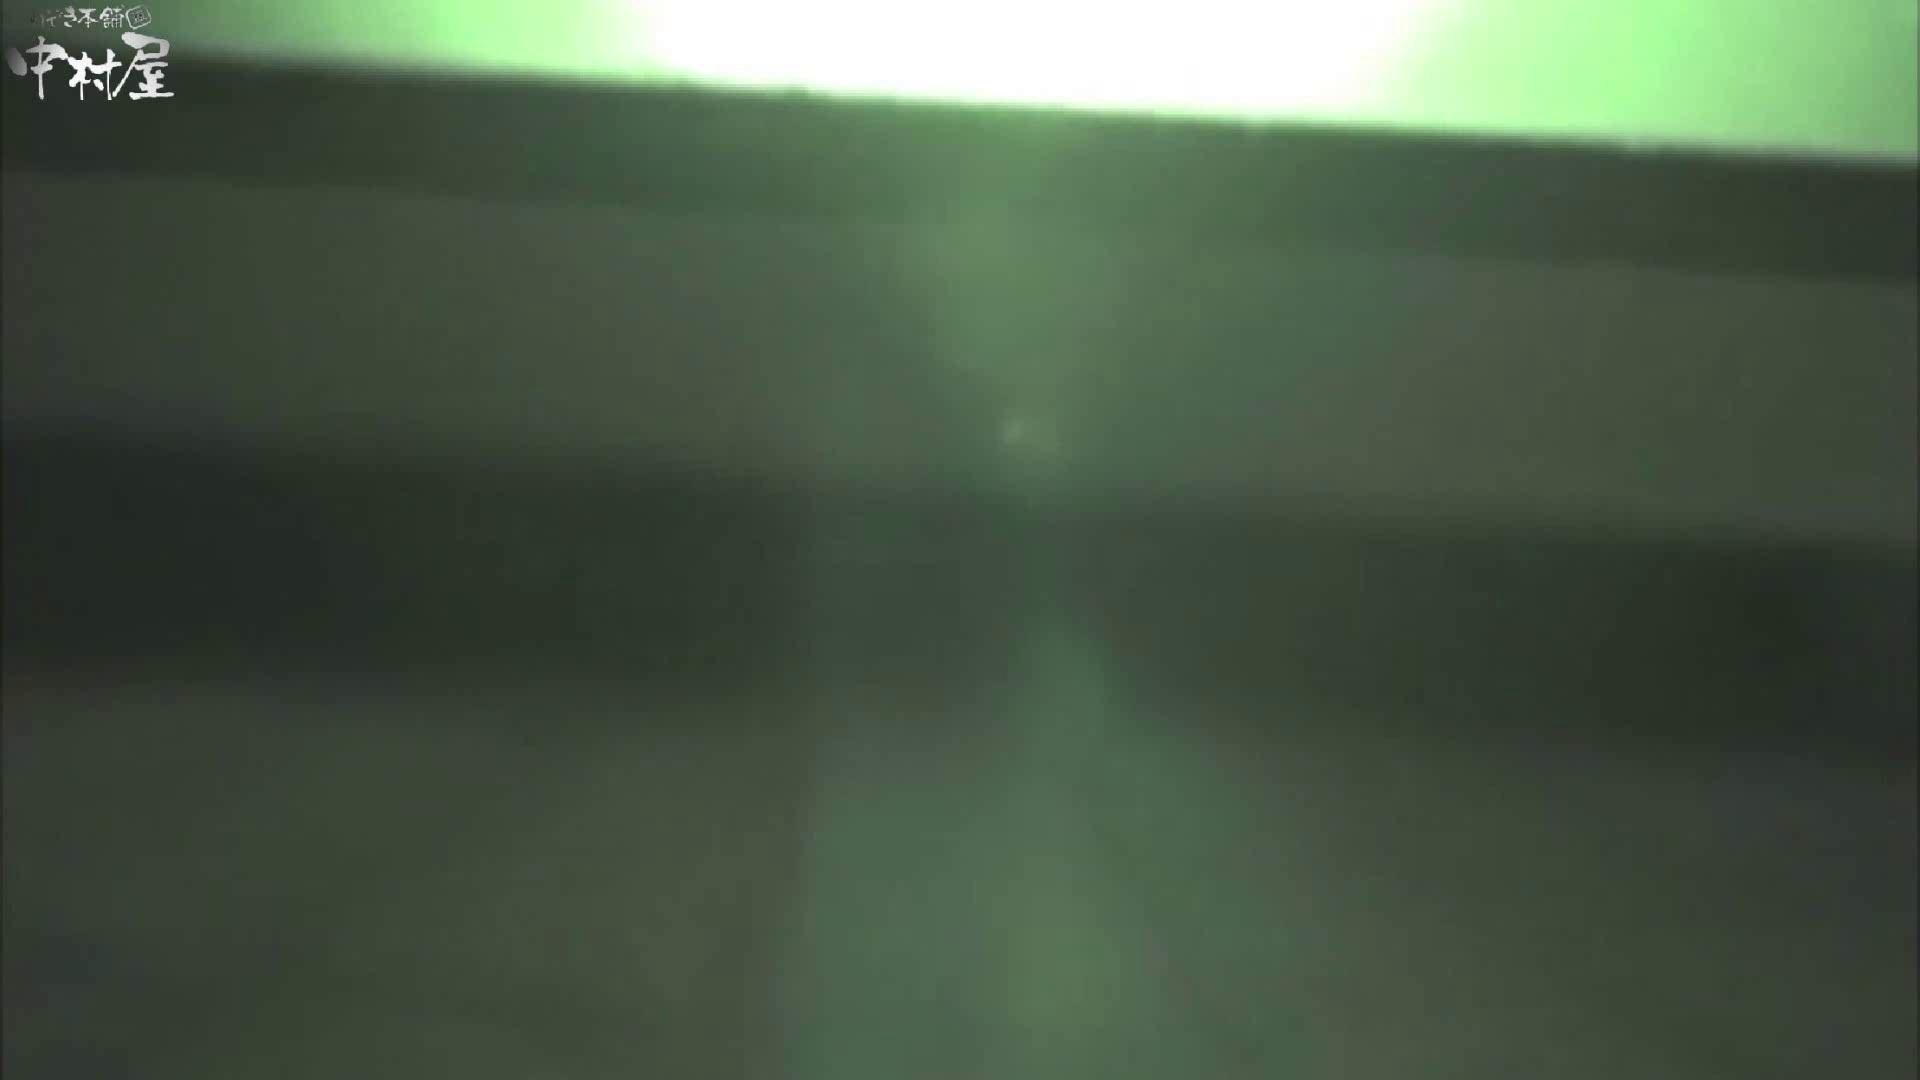 解禁!海の家4カメ洗面所vol.09 エロいギャル | 人気シリーズ  9枚 1